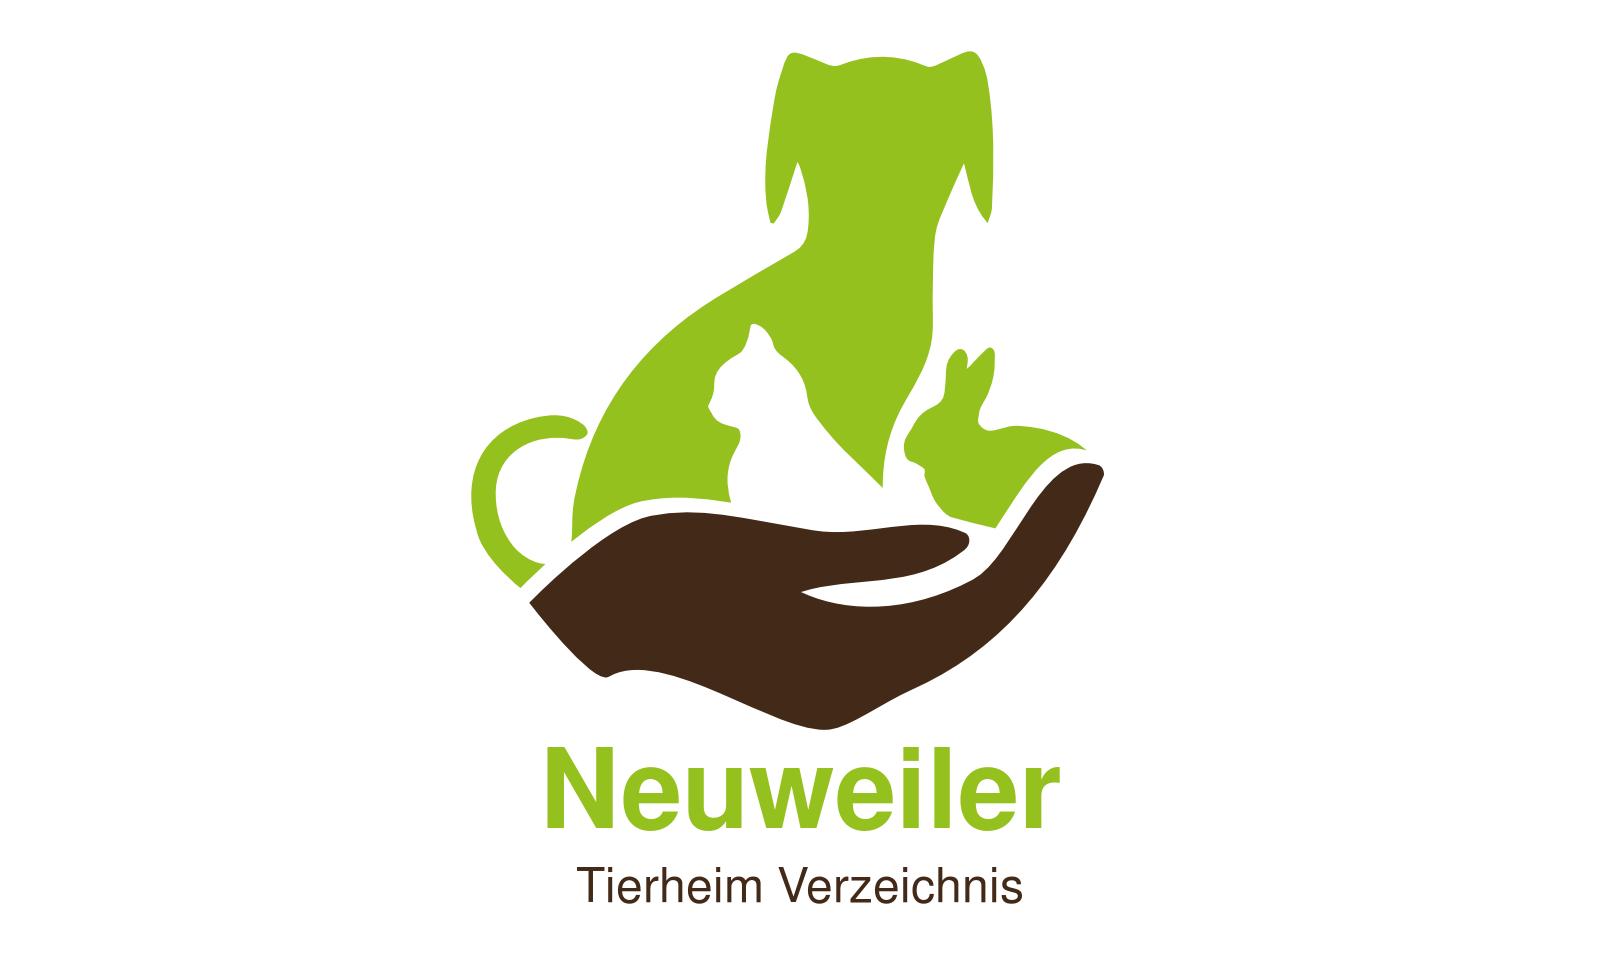 Tierheim Neuweiler